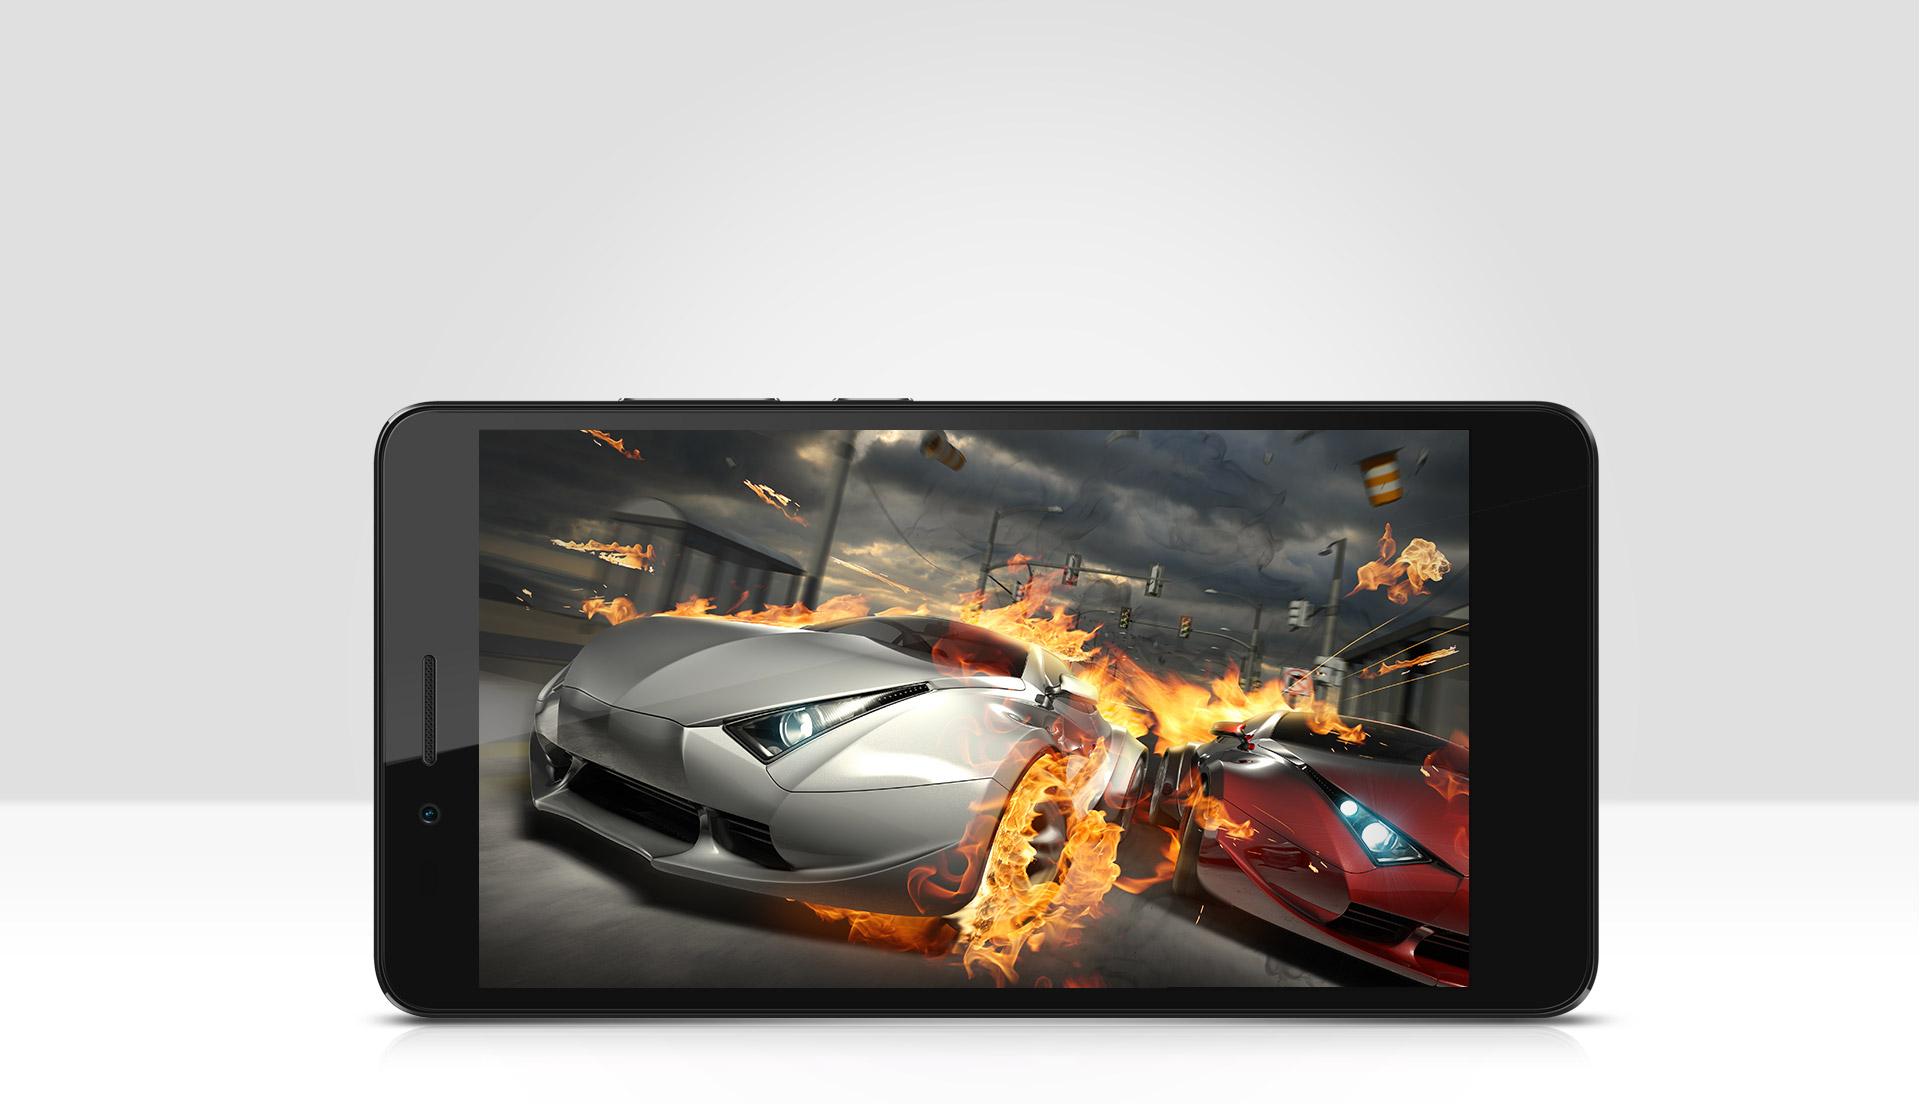 Dříve nepoznaný výkon ve střední třídě nabízí Huawei Honor 5X za neuvěřitelně dobrou cenu.